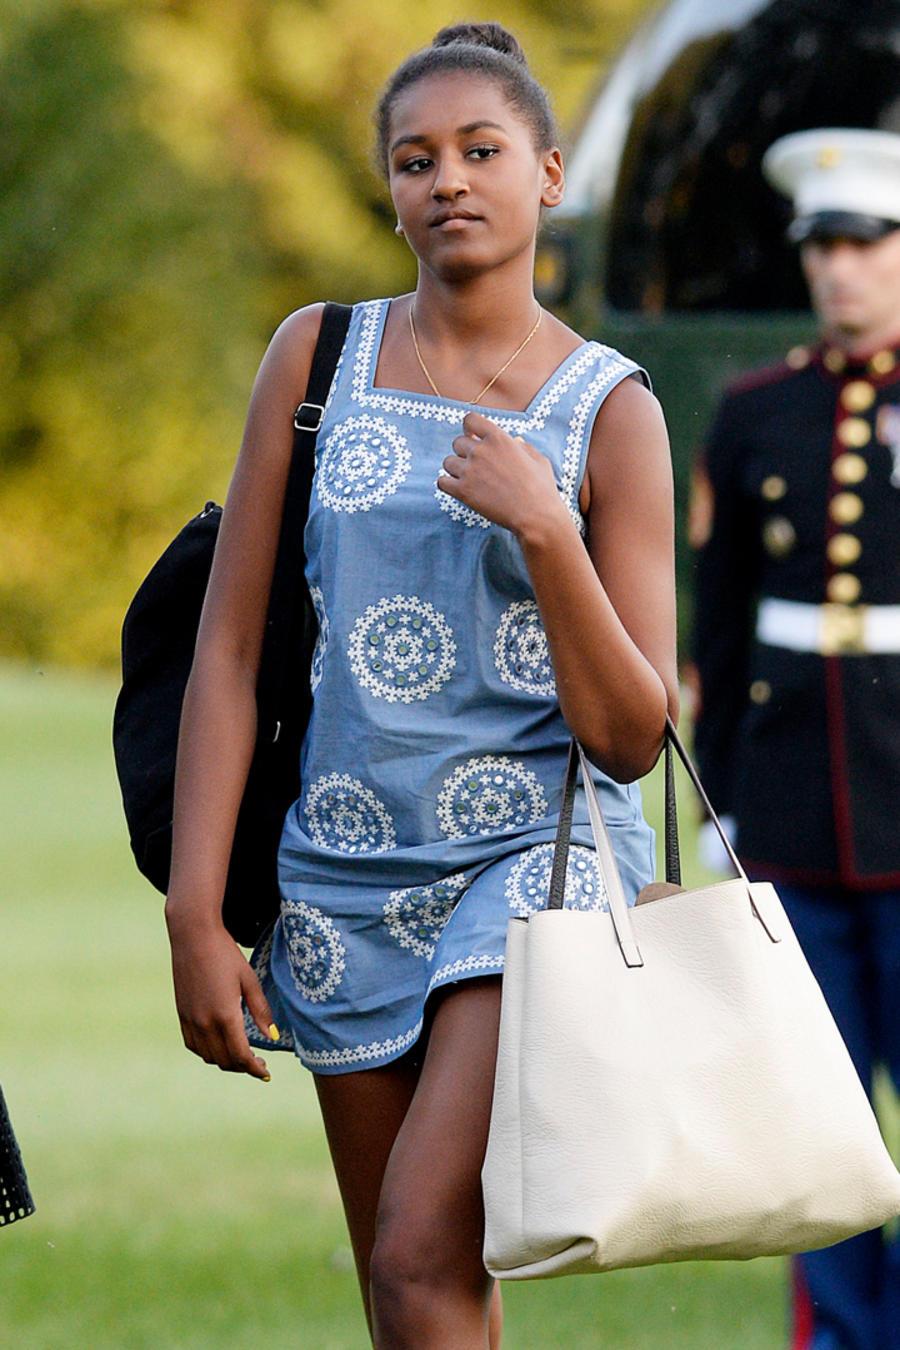 Malia y Sasha Obama ropa jean